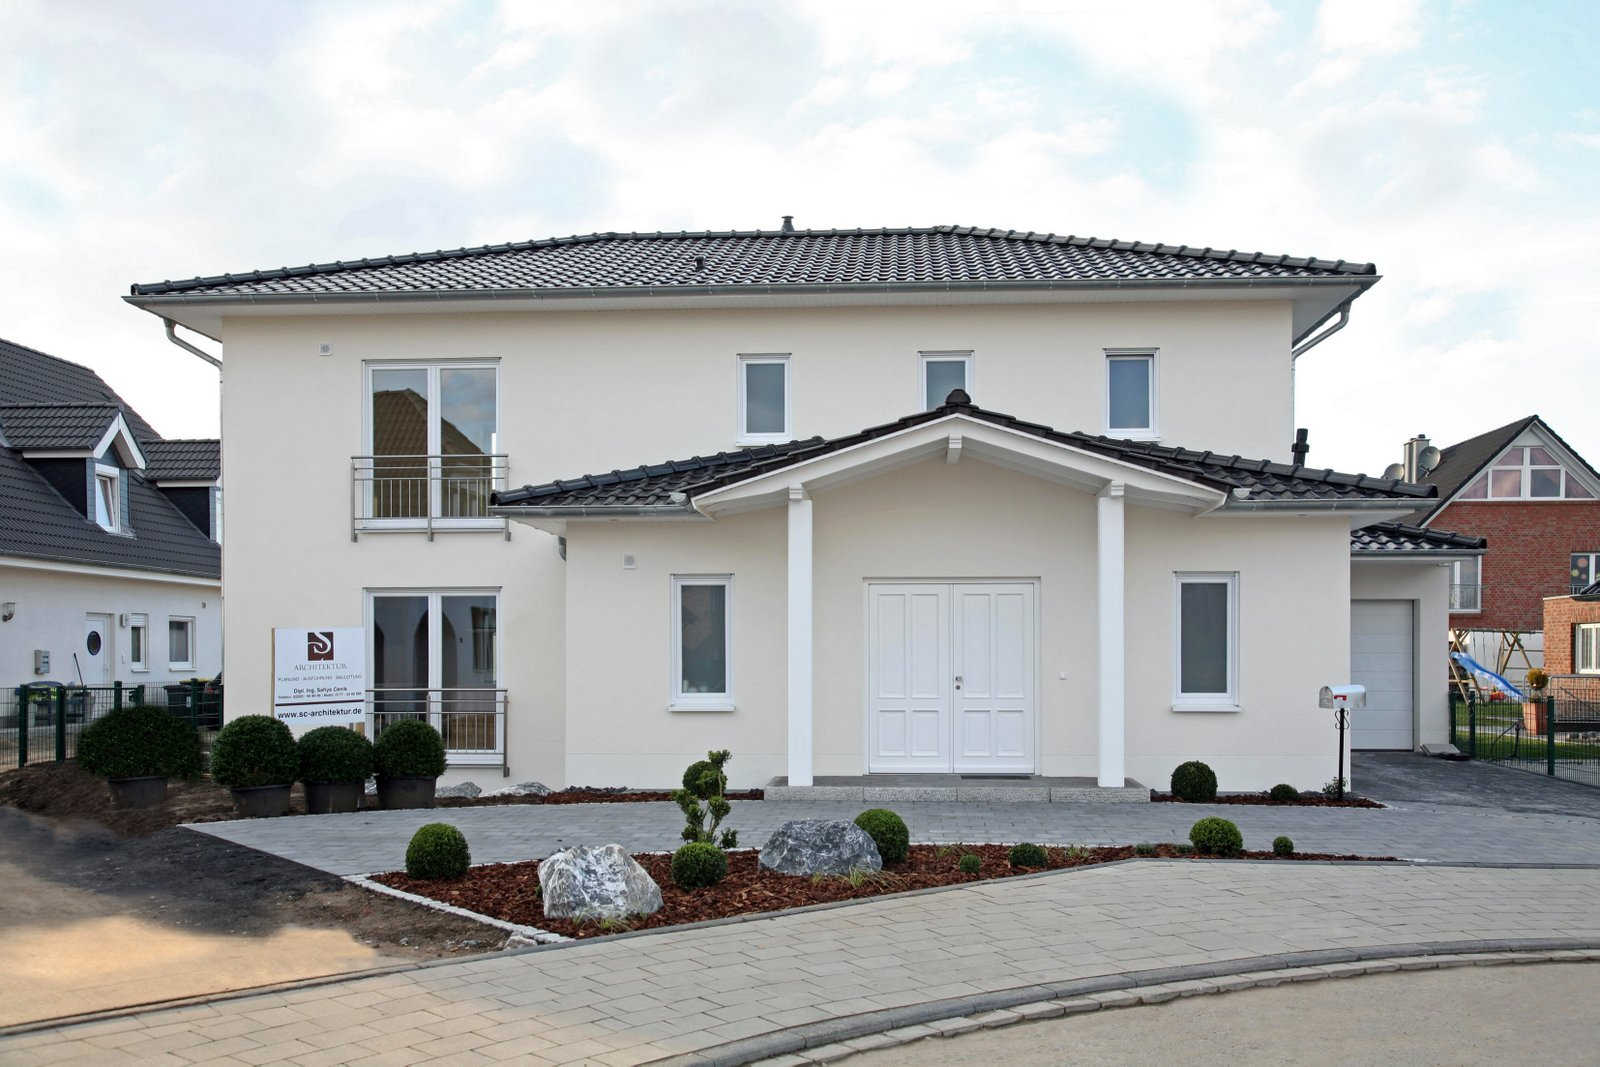 2008-03 Safiye Cenik Architektur-037-a